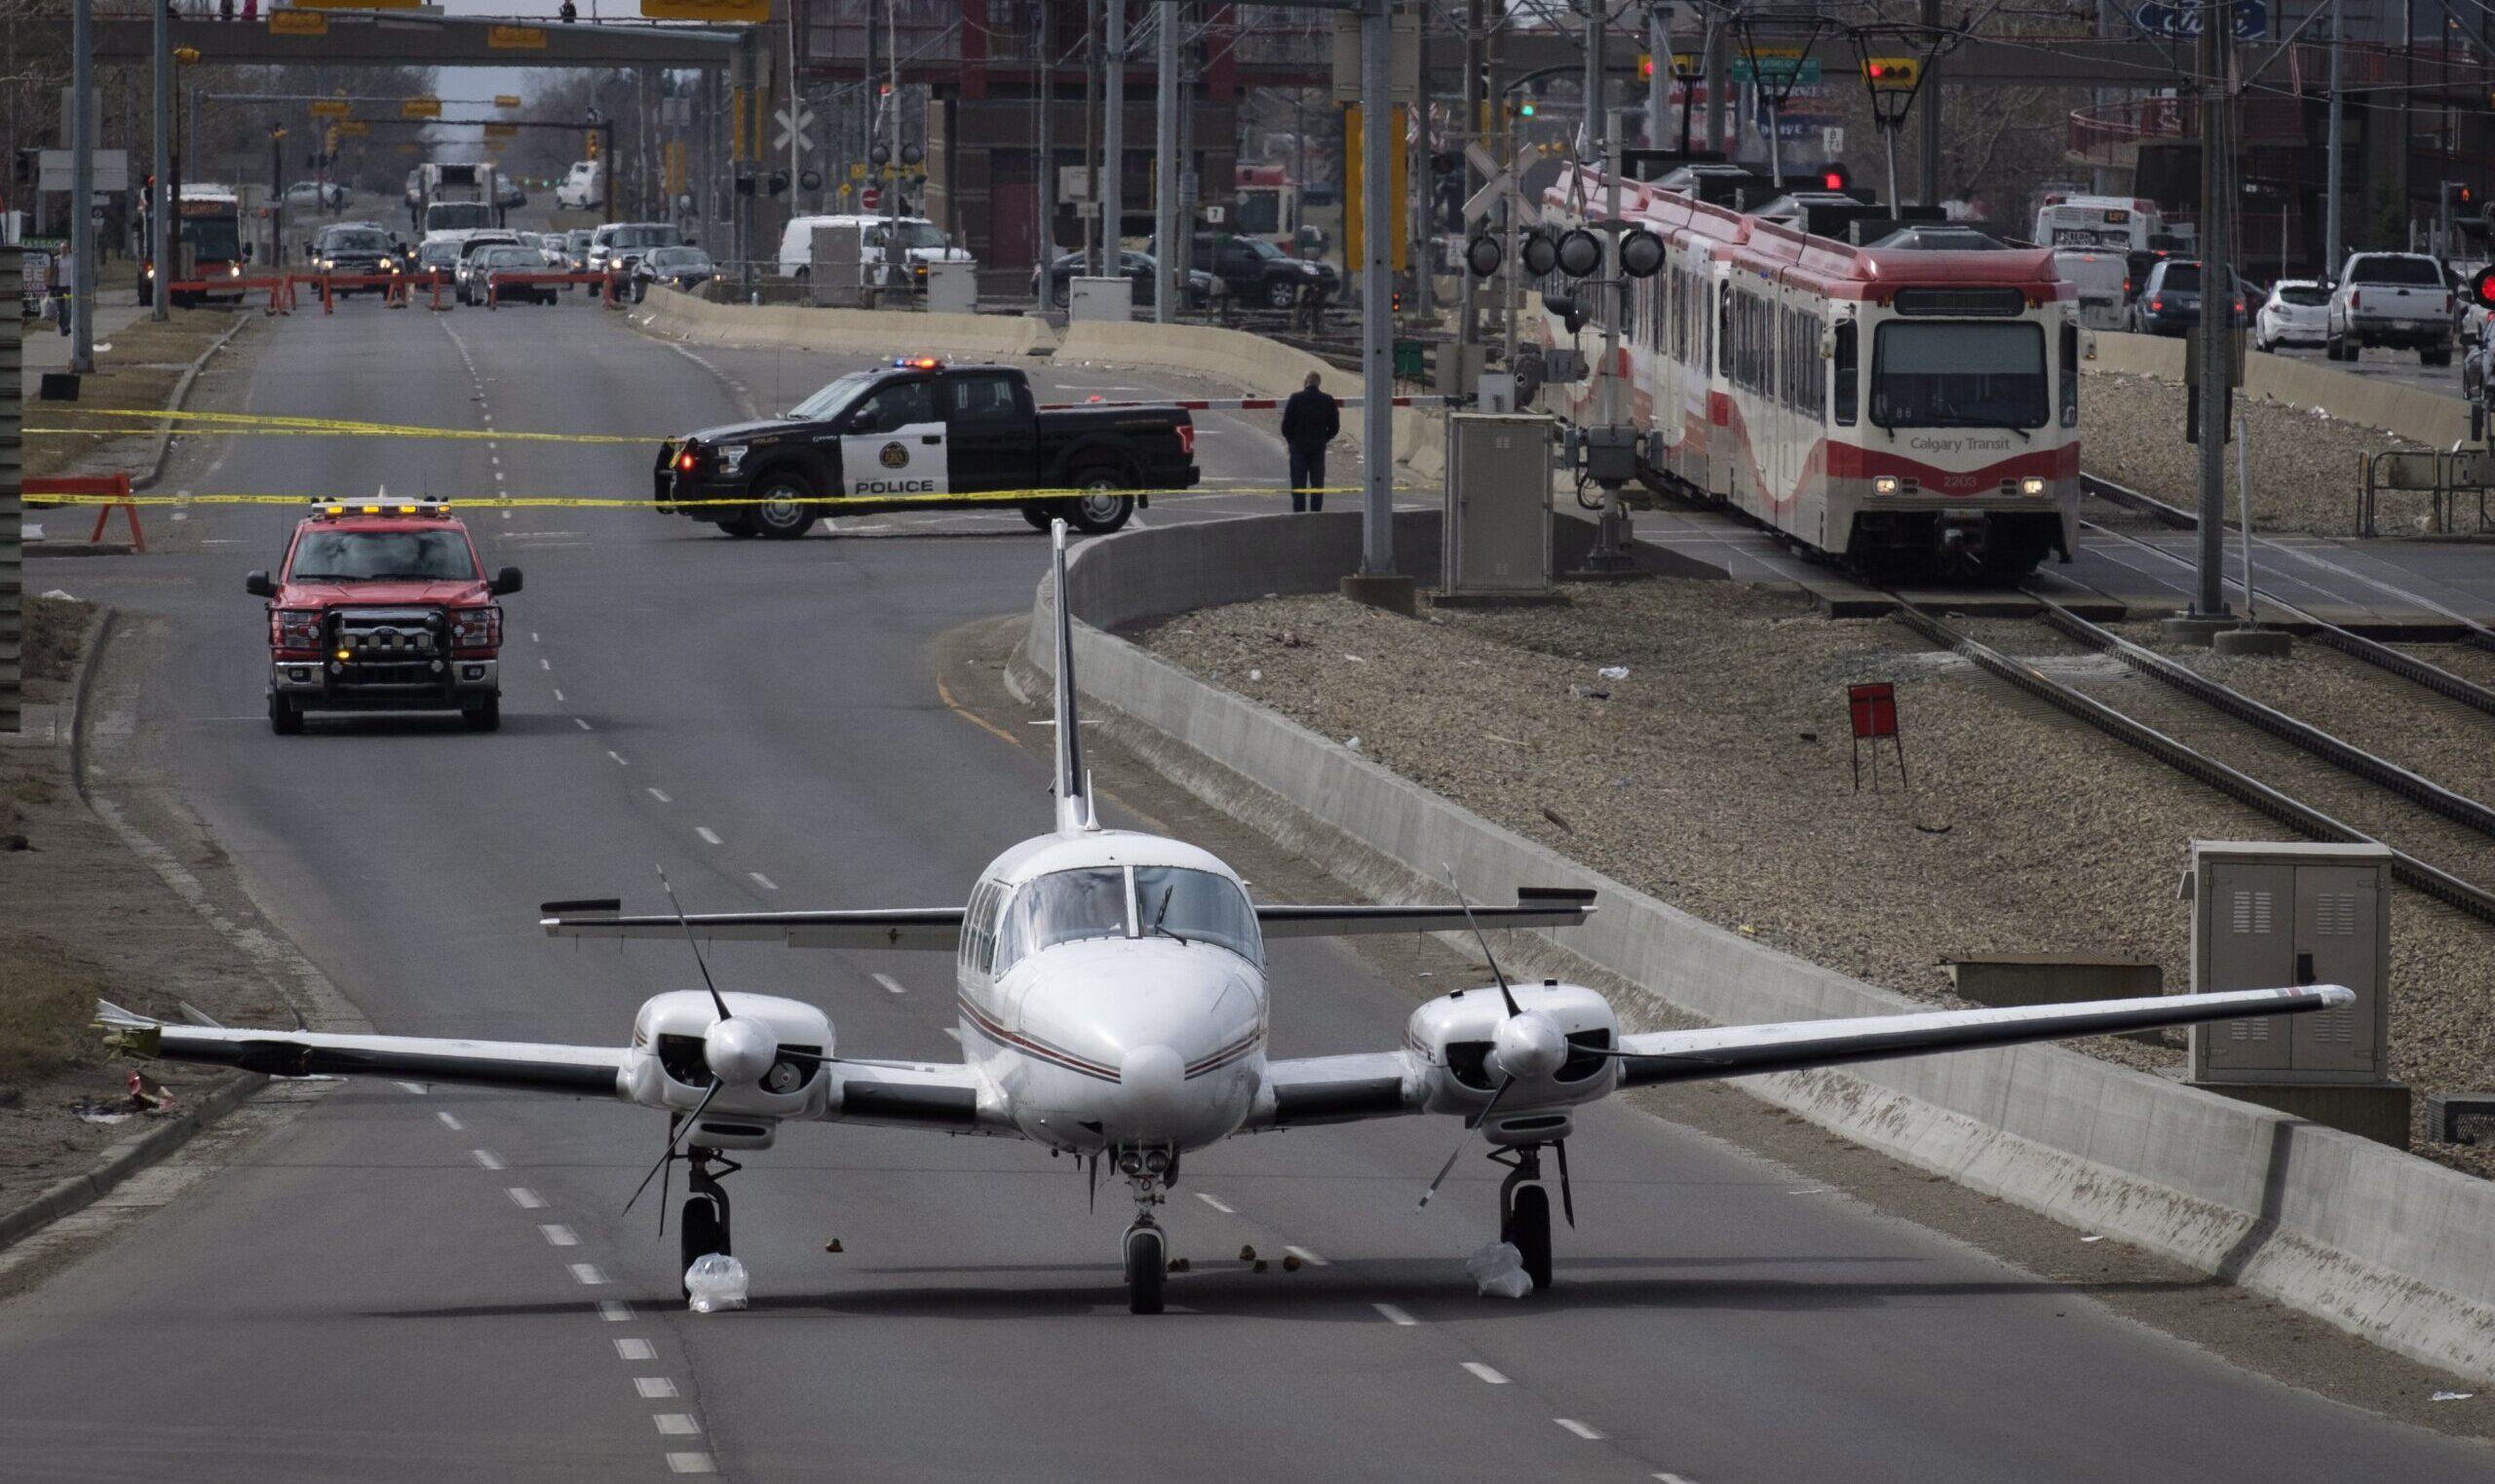 Wrong Runway, Wrong Airport, Wrong Country